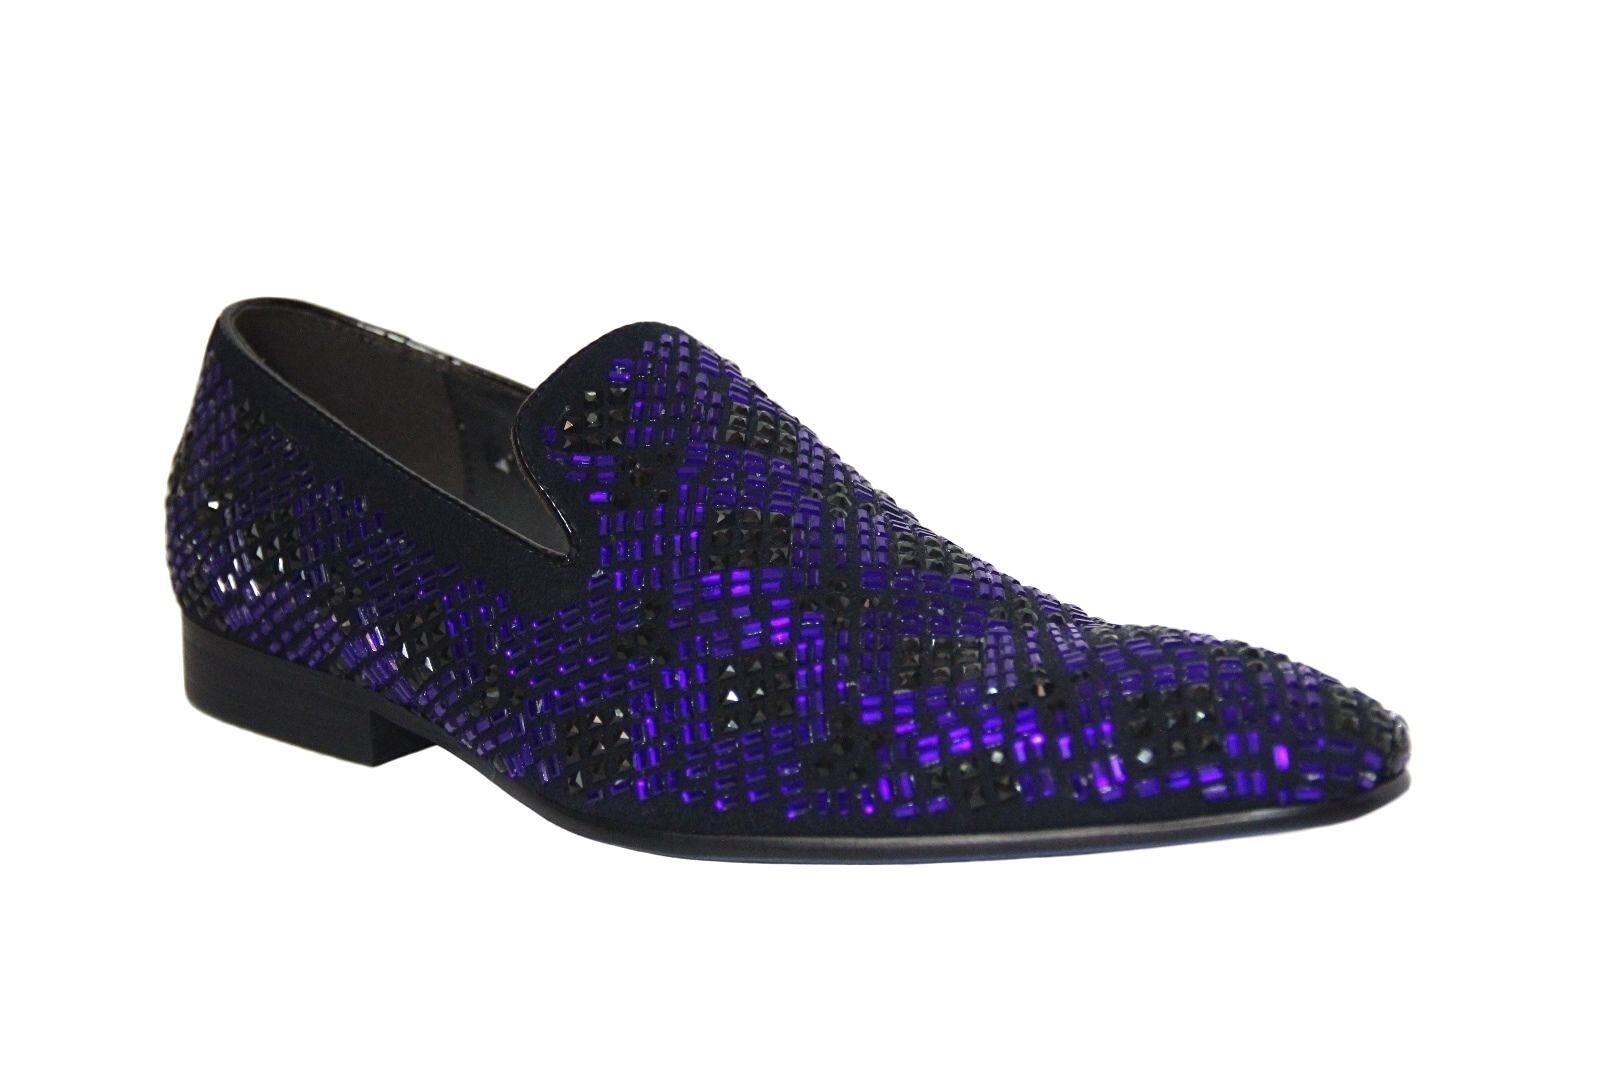 rivenditori online ZOTA UNIQUE UNIQUE UNIQUE Uomo blu nero Crystal Design Fashion Suede Loafers  G6628-24  salutare